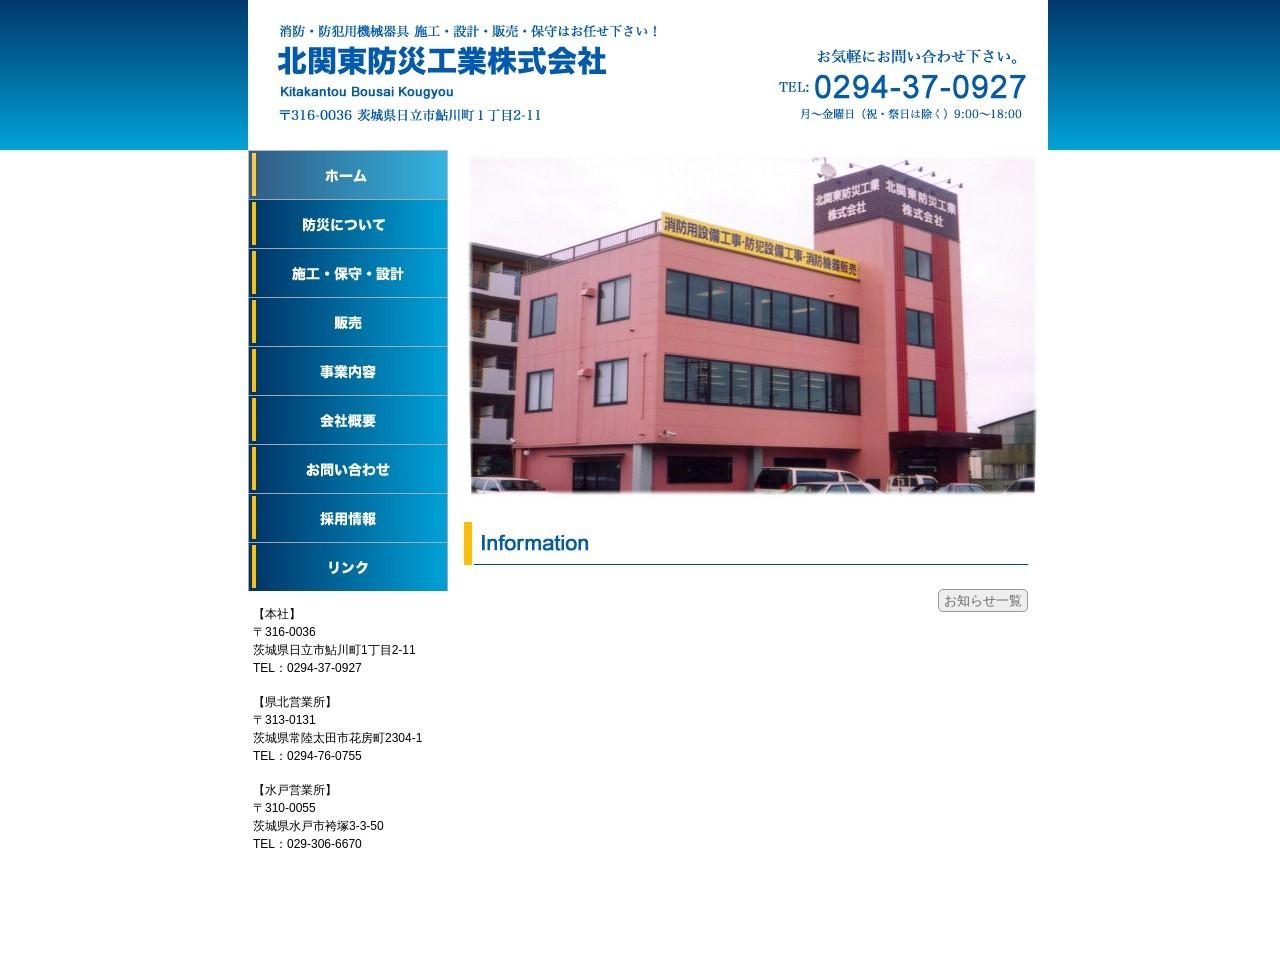 北関東防災工業株式会社